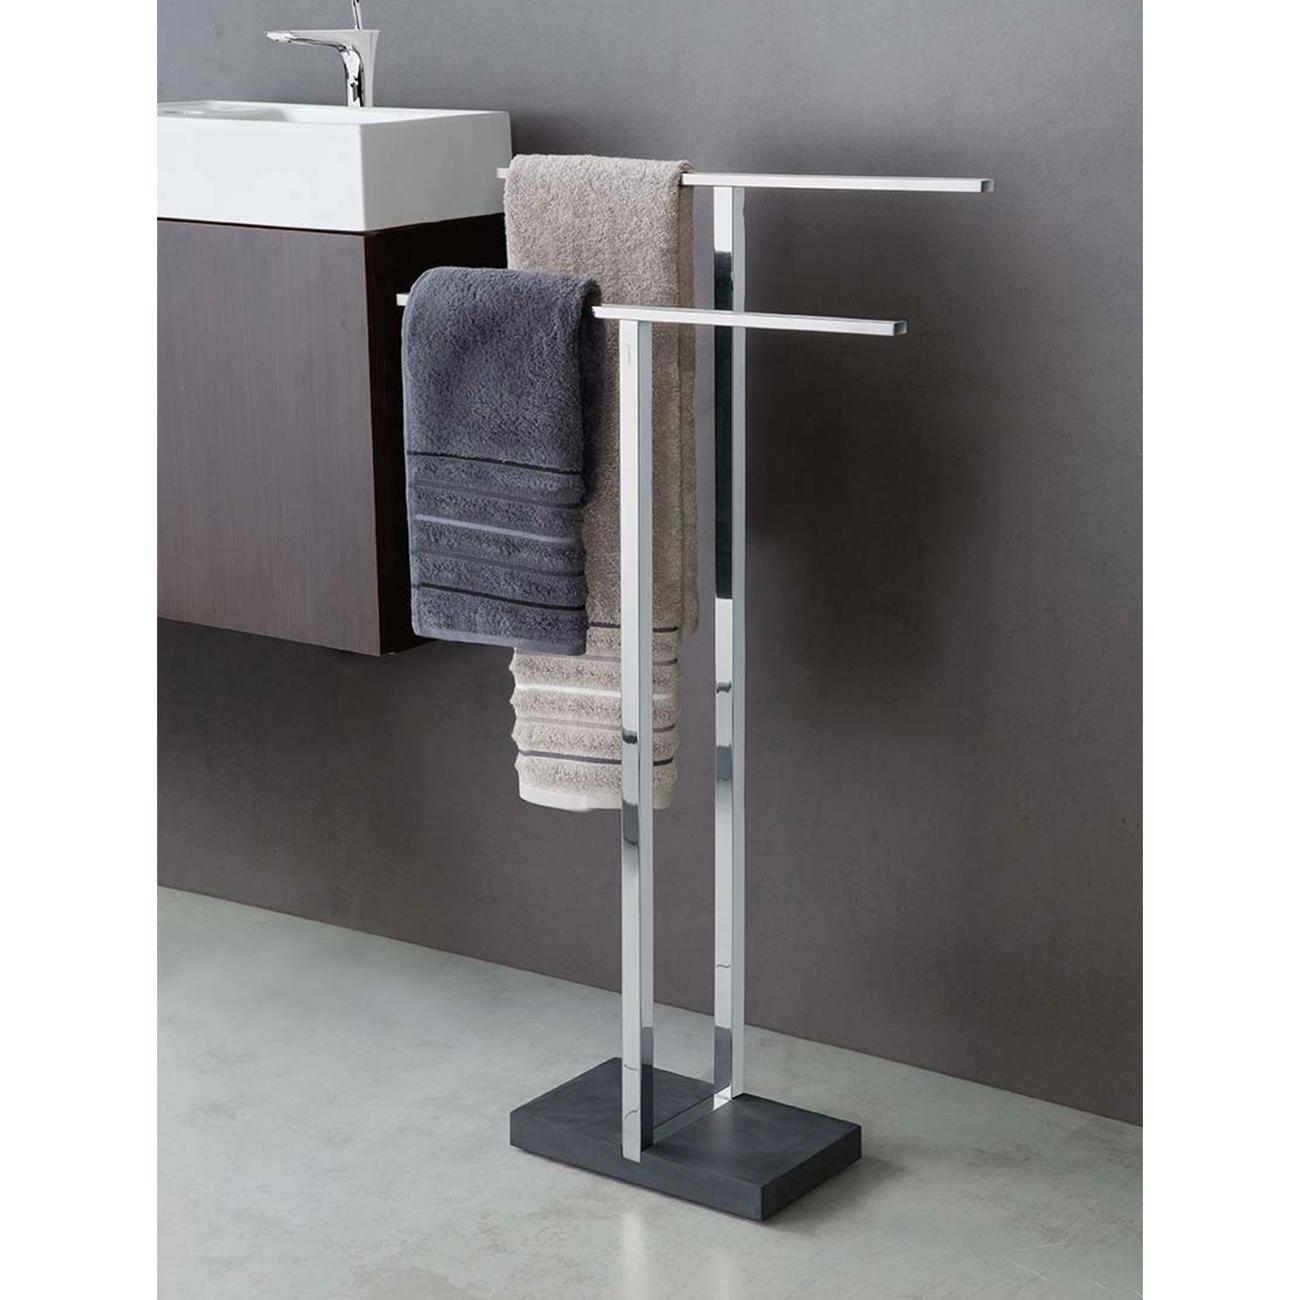 blomus handtuchhalter menoto edelstahl poliert polystone. Black Bedroom Furniture Sets. Home Design Ideas